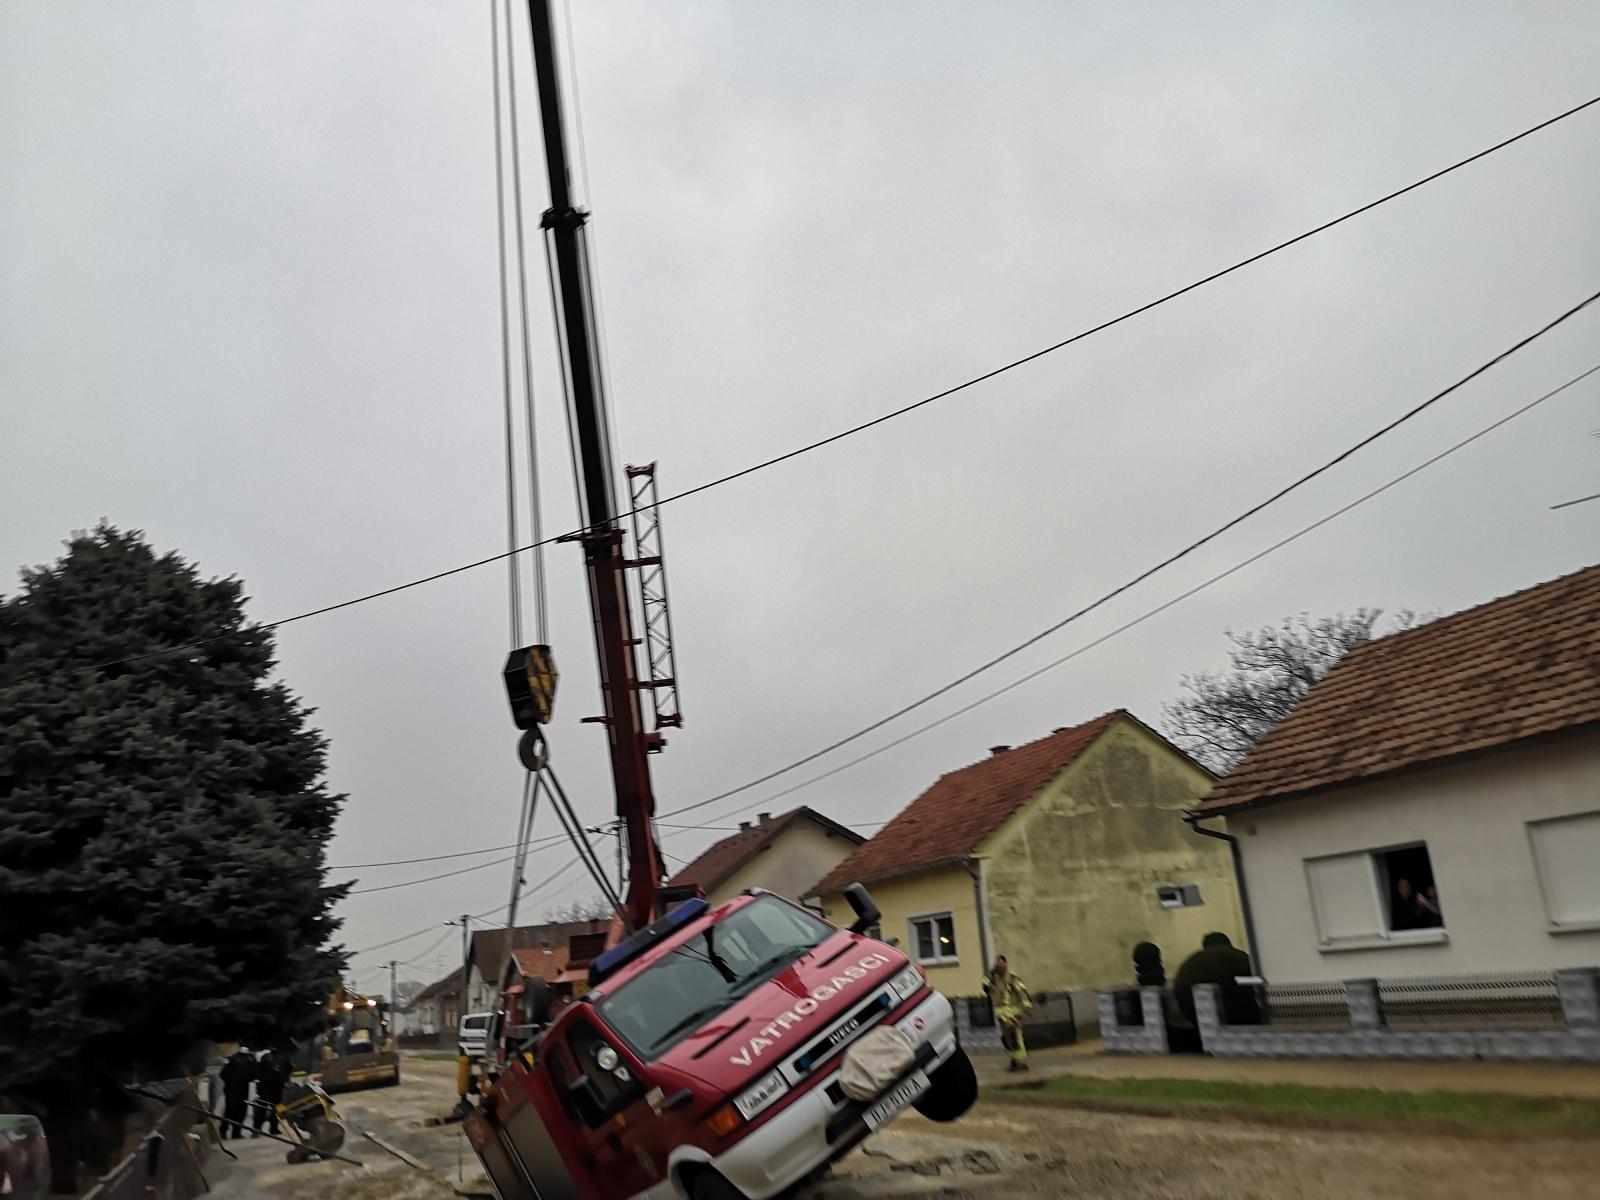 Vozilo je moralo čekati svitanje kako bi ga izvukli iz rupe, što je učinjeno uz pomoć diazlice u 8 sati i 20 minuta /Damir Spehar/PIXSELL